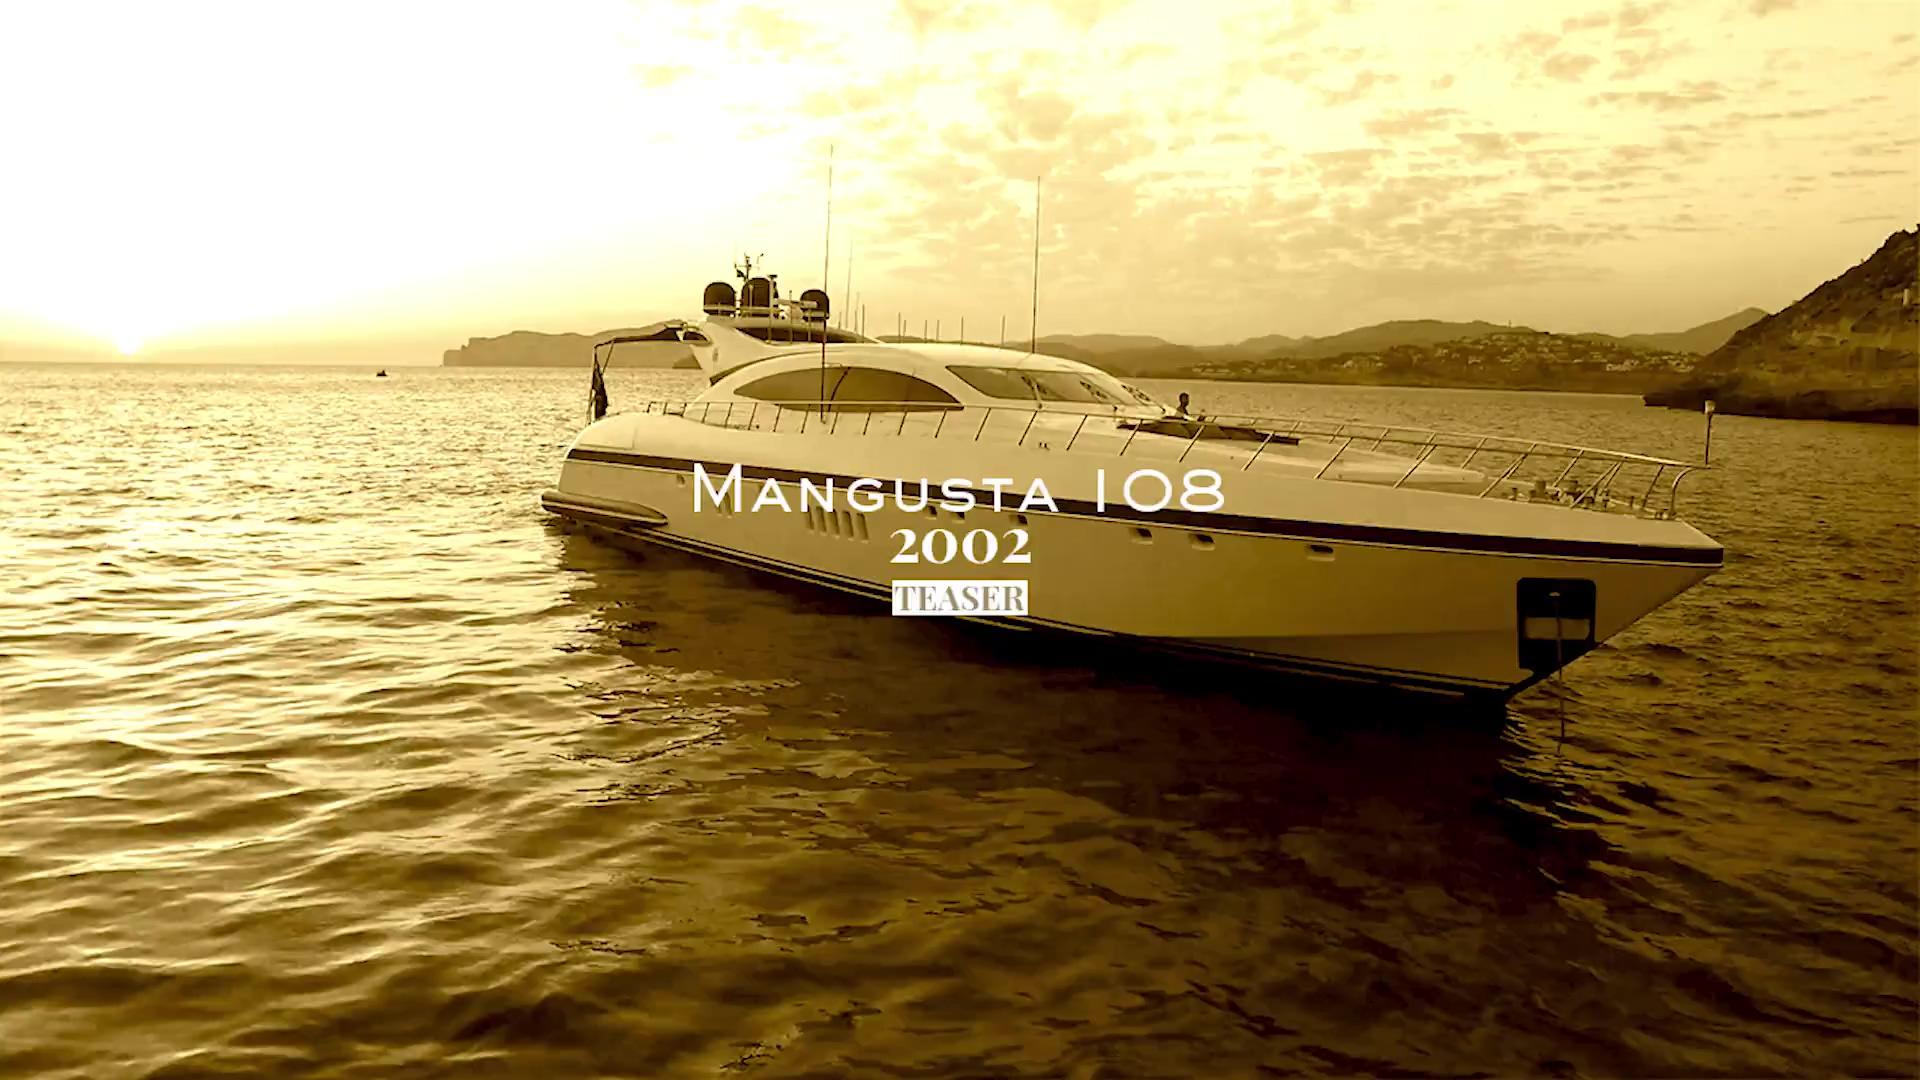 Mangusta 108 2002_v2